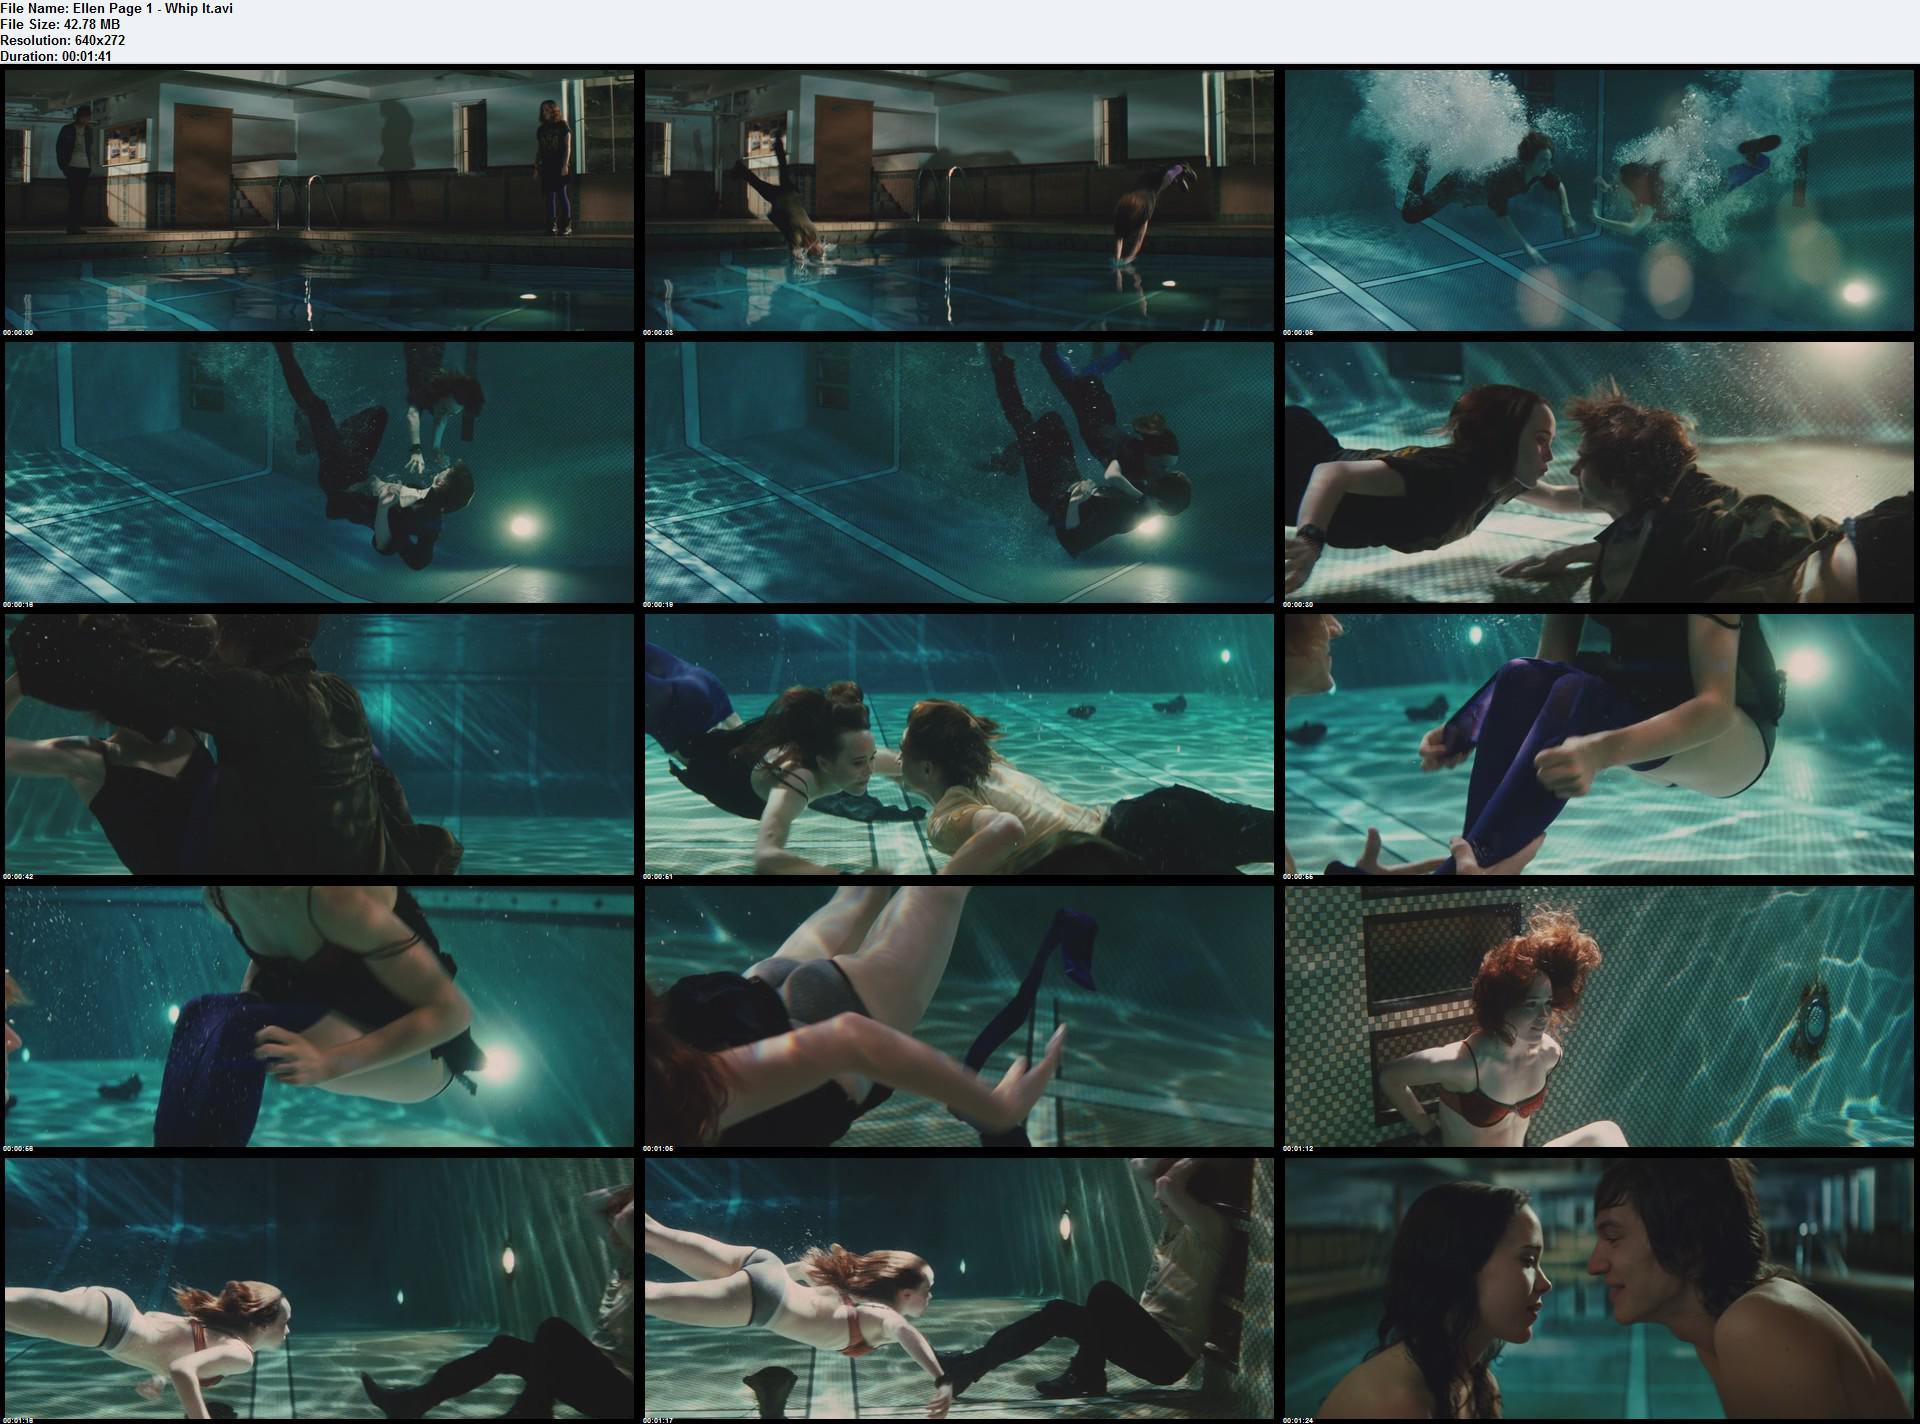 Ellen Page Desnuda Fotos Y Vídeos Imperiodefamosas